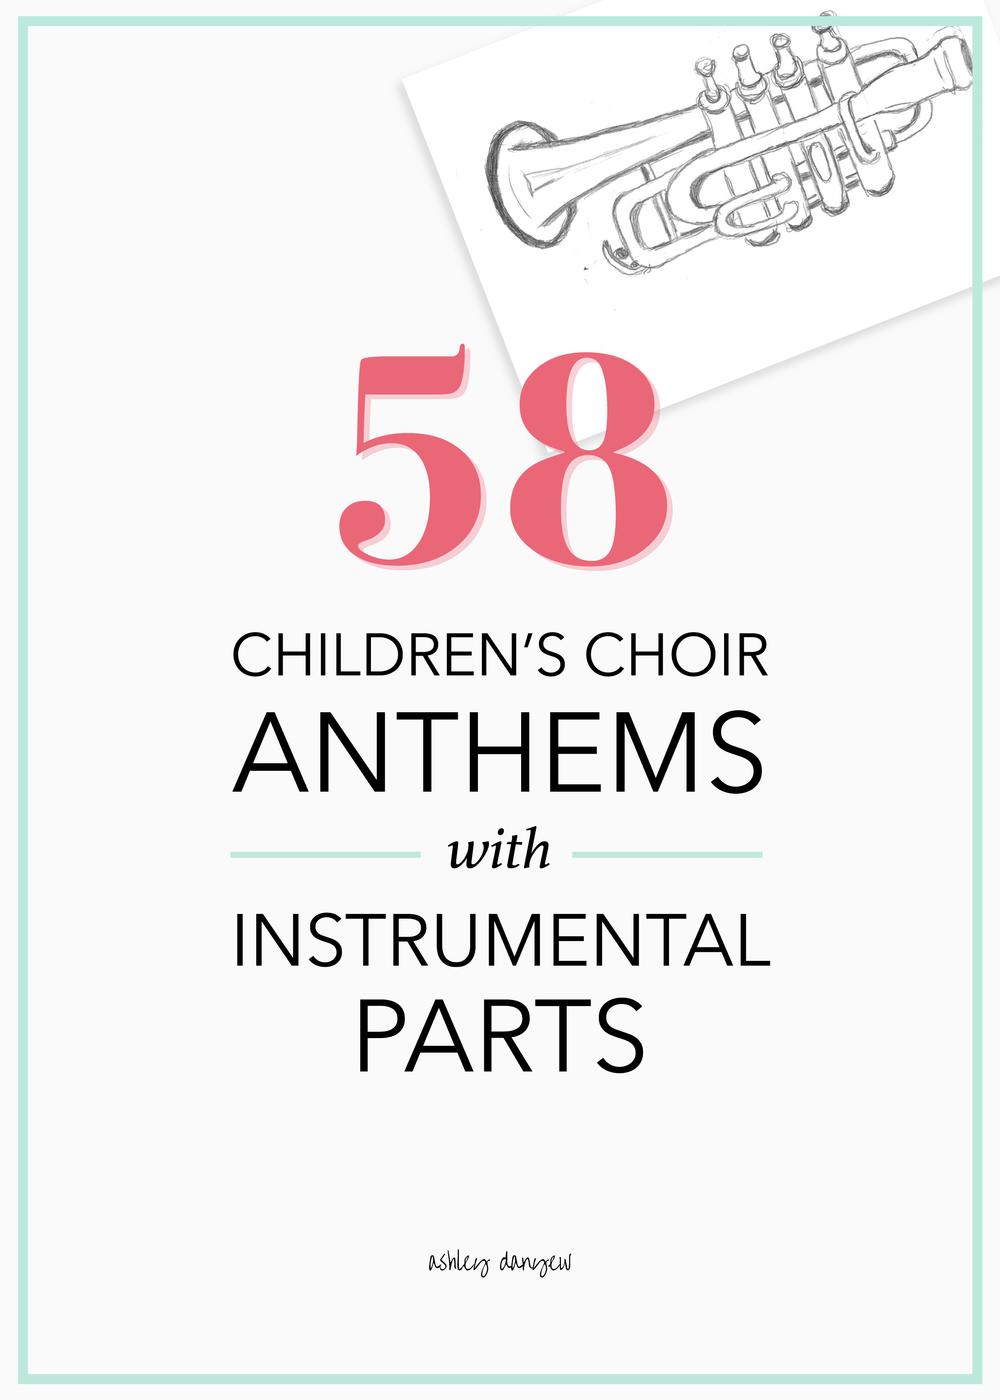 58 Children's Choir Anthems with Instrumental Parts